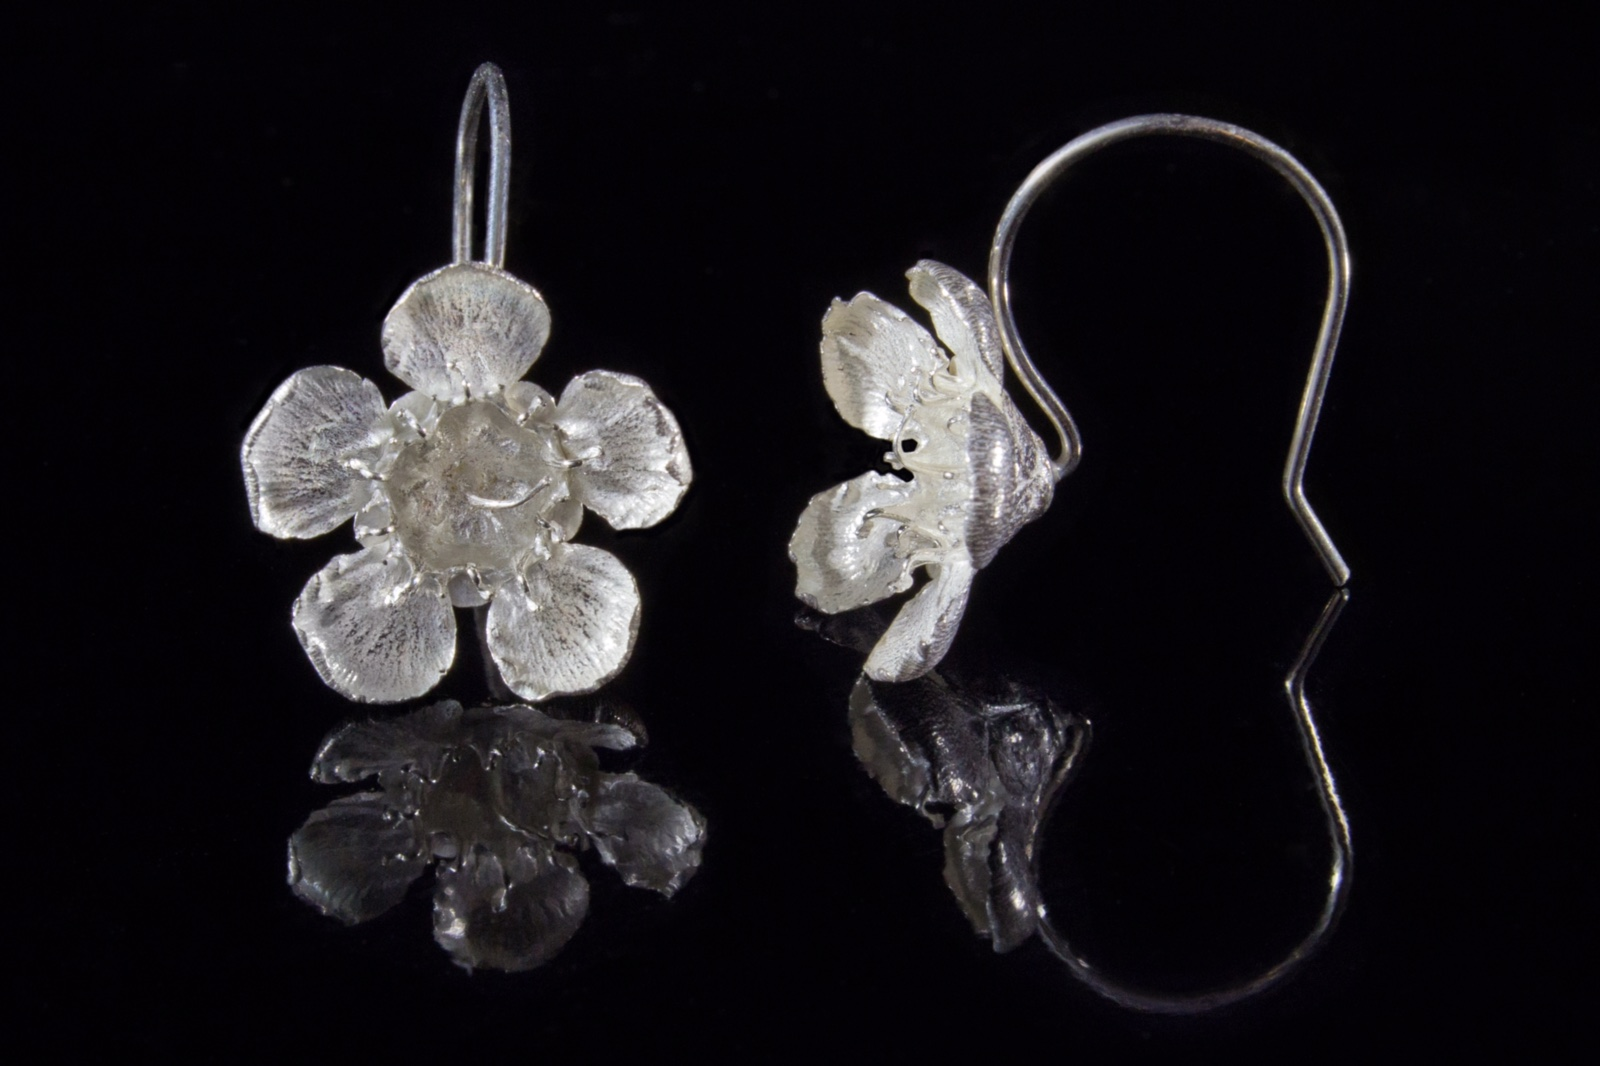 Geraldton wax drop earrings